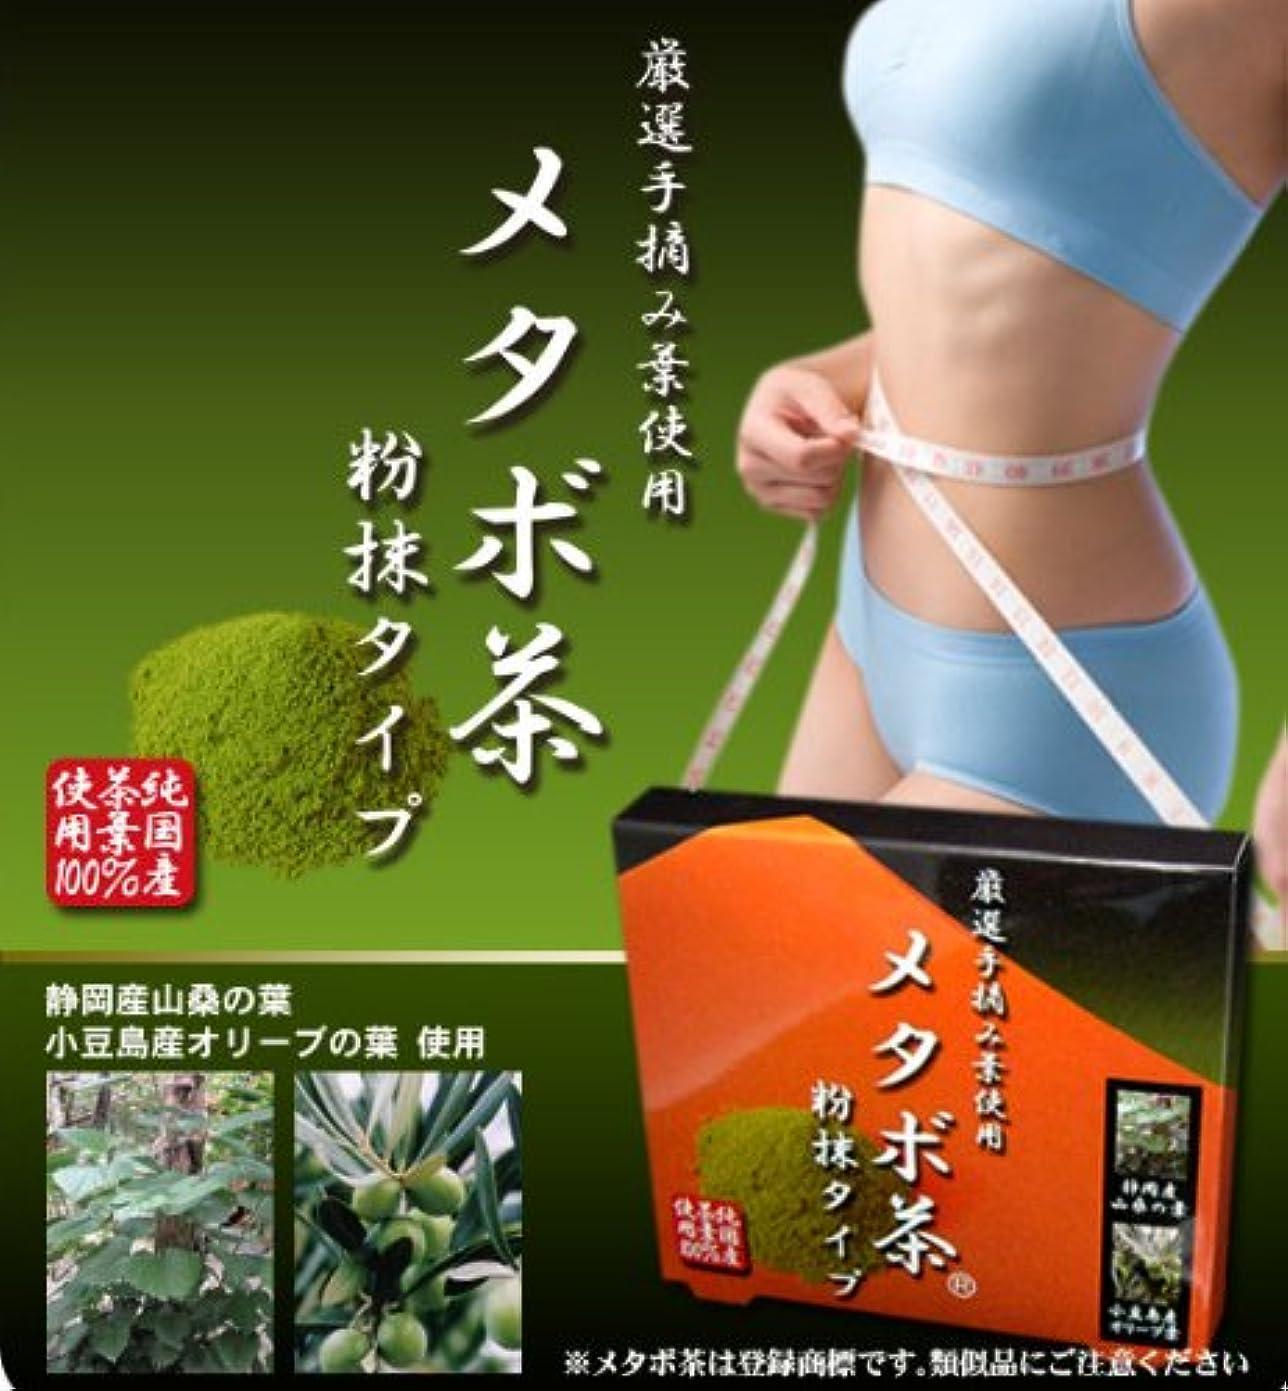 拡大する慰め偉業メタボ茶粉抹タイプ 2個セット(完全無農薬 純国産茶葉100%使用ダイエット茶)